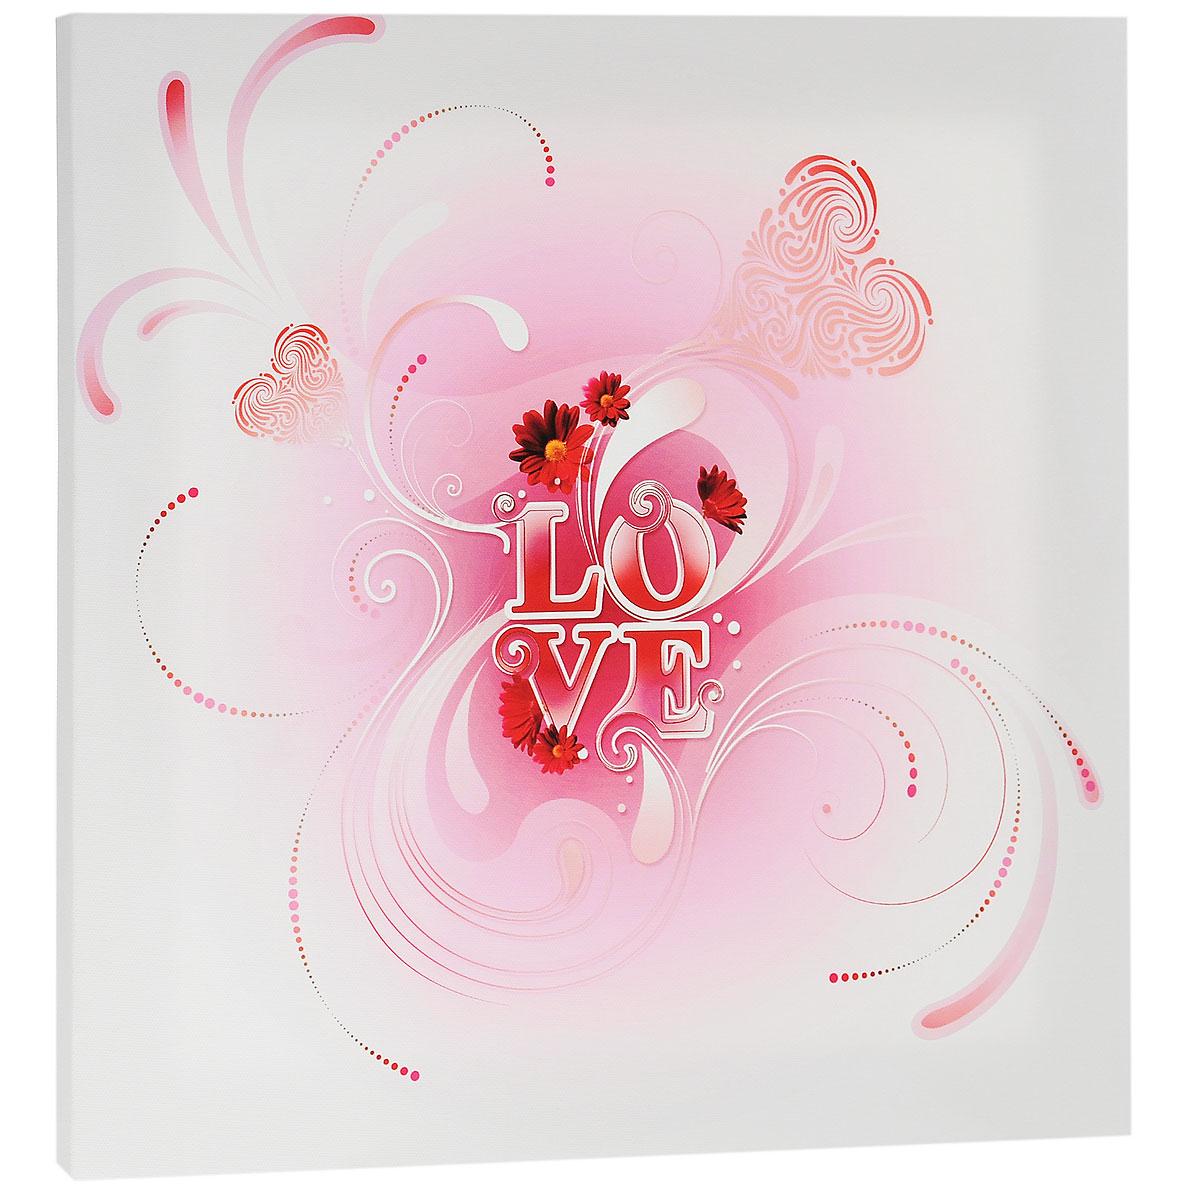 КвикДекор Картина на холсте Любовь, 40 см х 40 см97678Картина на холсте КвикДекор Любовь - это прекрасное украшение для вашей гостиной или спальни. Она привнесет в интерьер яркий акцент и сделает обстановку комфортной и уютной. A.k.A - лондонская студия-бутик, включающая в себя творческую группу художников, которые часто работают в тесном сотрудничестве друг с другом. Их работы были отмечены по всему миру для таких крупных компаний, как Dreamworks, Pepsi, Random House, Ford, Avia, Mazda, Future, TIME, Phillip Morris, Bacardi и многие другие. Студия A.k.A была даже номинирована на Оскар, как независимая студия анимации в Лондоне. Их работы создаются с помощью сочетания фотографий, 3D-моделирования, обработки в Photoshop, традиционного ретуширования, рисунка карандашом, векторной графики и пера и чернил. Этот уникальный и многоплановый стиль делает студию A.k.A выдающейся. Работы художников-дизайнеров студии сразу бросаются в глаза и мало кого оставляют равнодушными. Картина на холсте КвикДекор Любовь не нуждается в рамке или багете - галерейная натяжка холста на подрамники выполнена очень аккуратно, а боковые части картины запечатаны продолжением картинки либо тоновой заливкой. На обратной стороне подрамника есть отверстие, благодаря которому картину можно легко закрепить на стене, и подкорректировать ее положение. Картина на холсте Любовь дизайн-студии A.k.A станет отличным украшением для вашего интерьера!